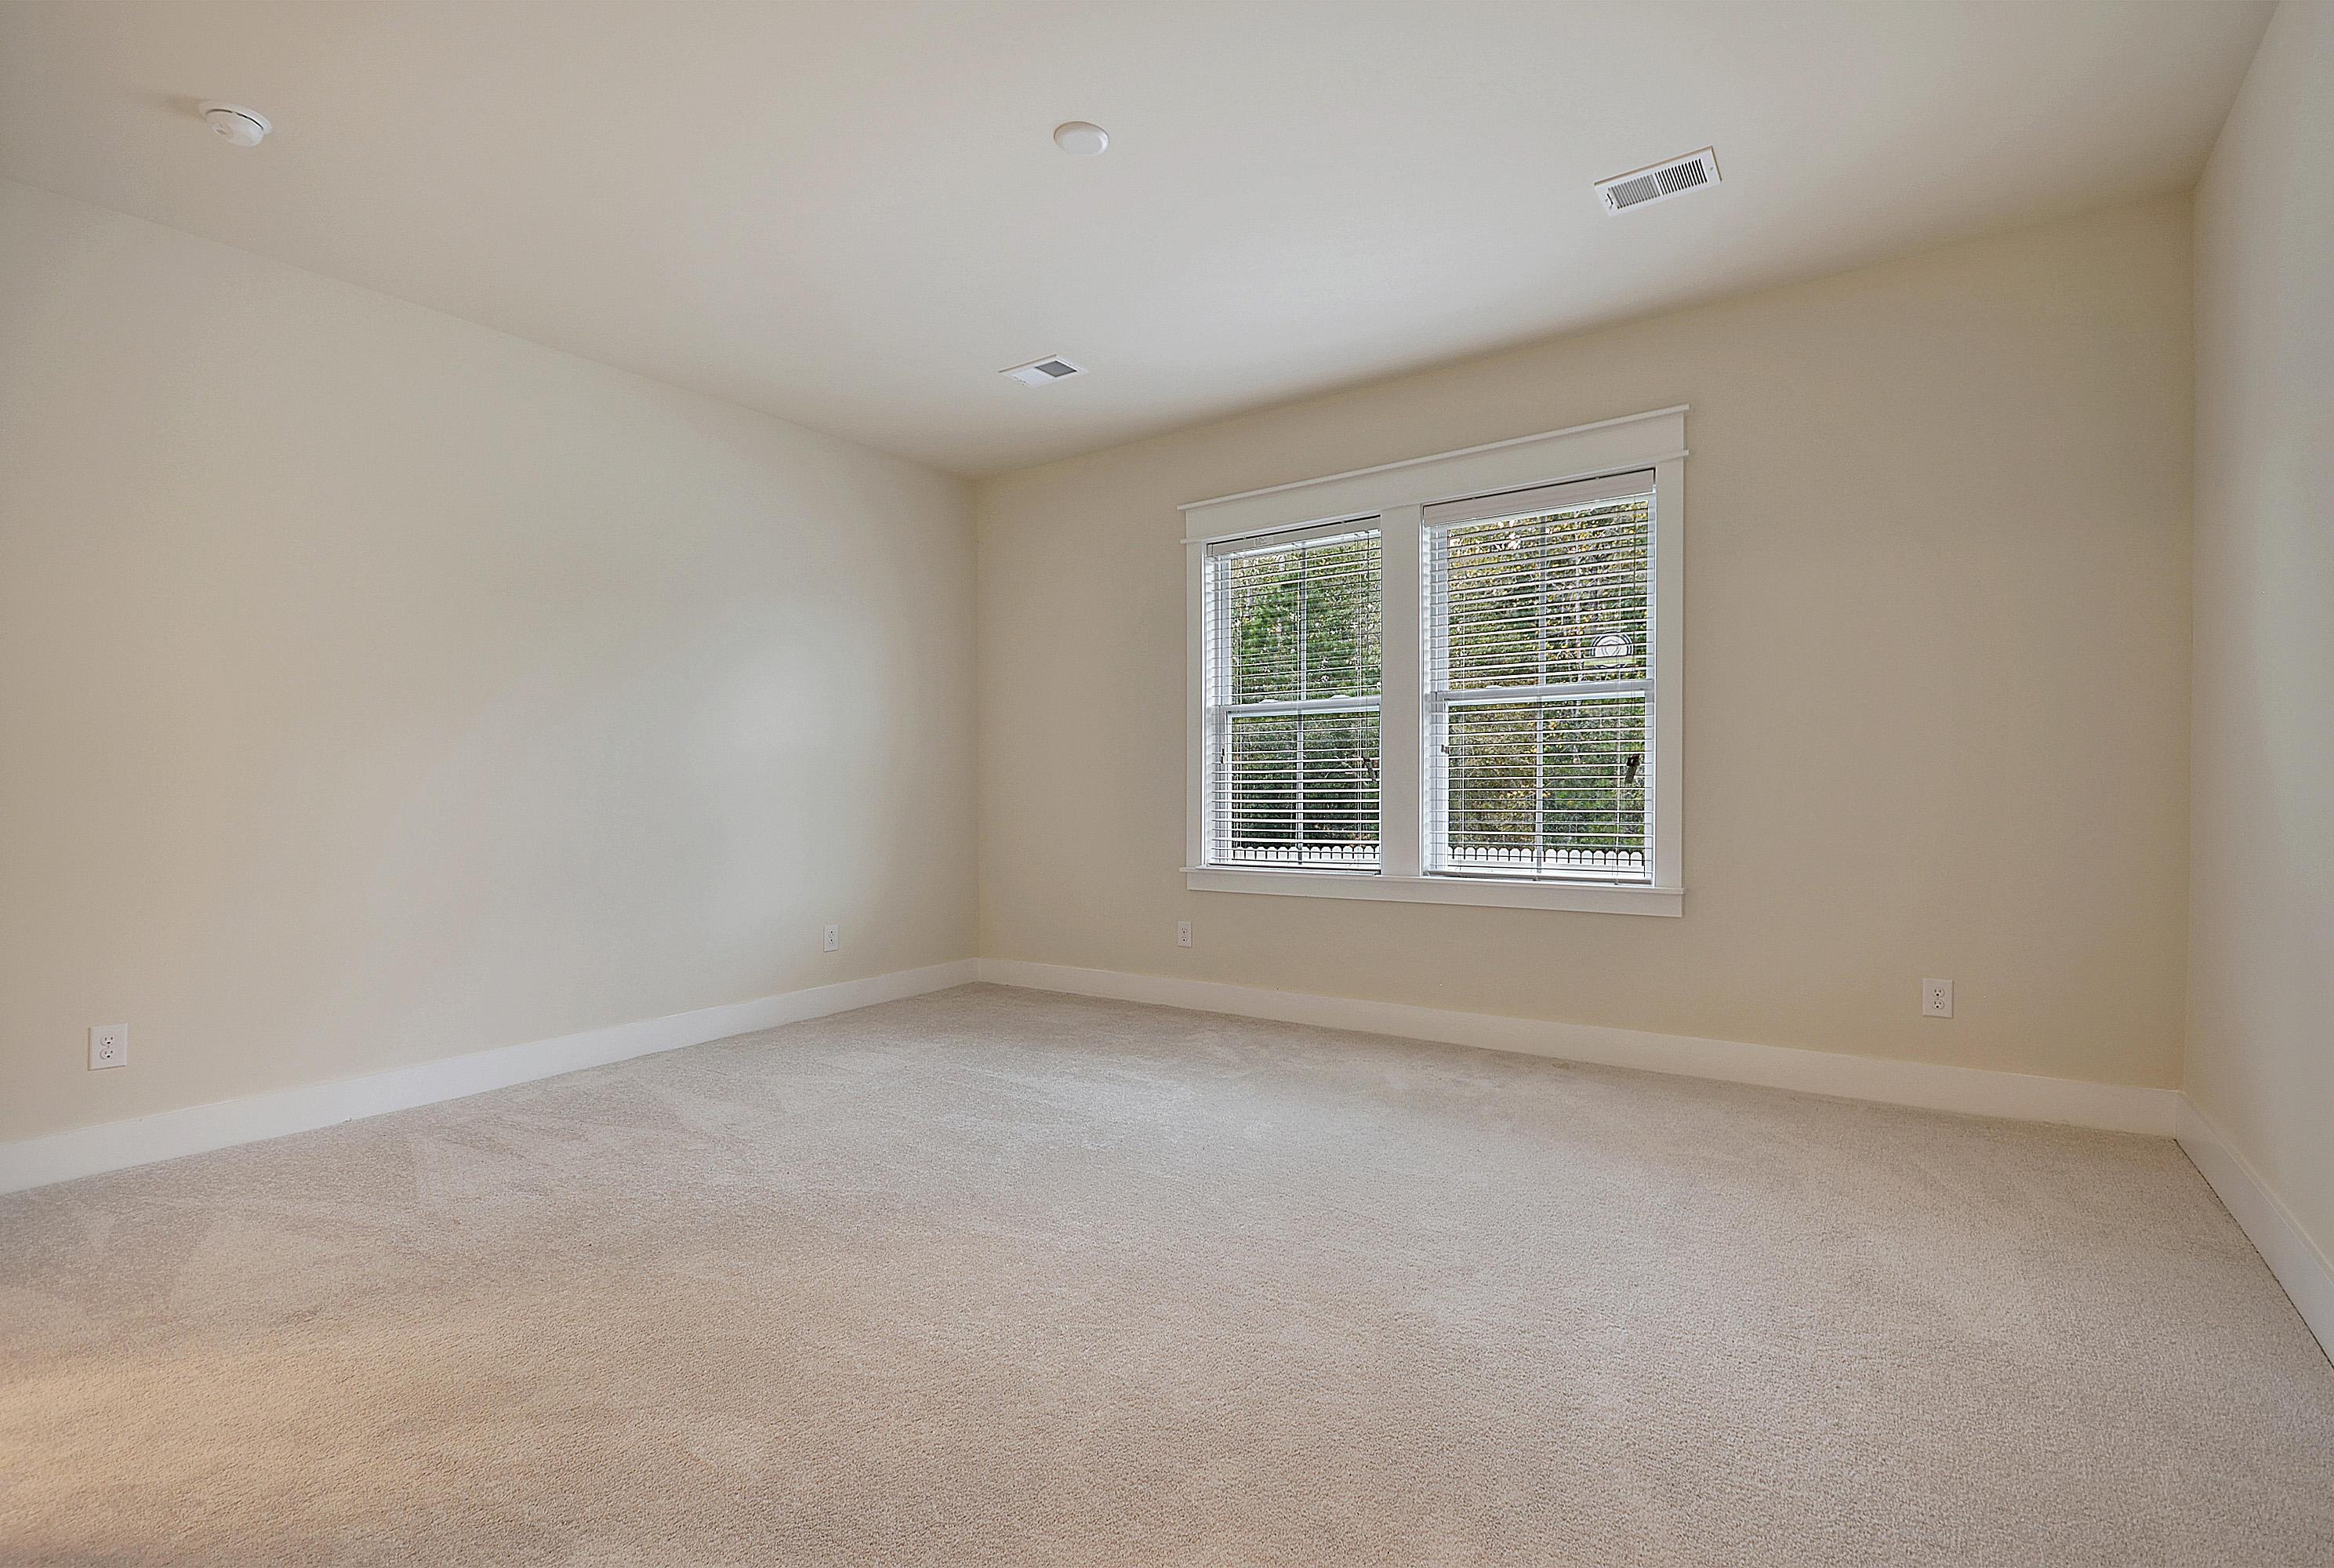 Park West Homes For Sale - 3048 Caspian, Mount Pleasant, SC - 3